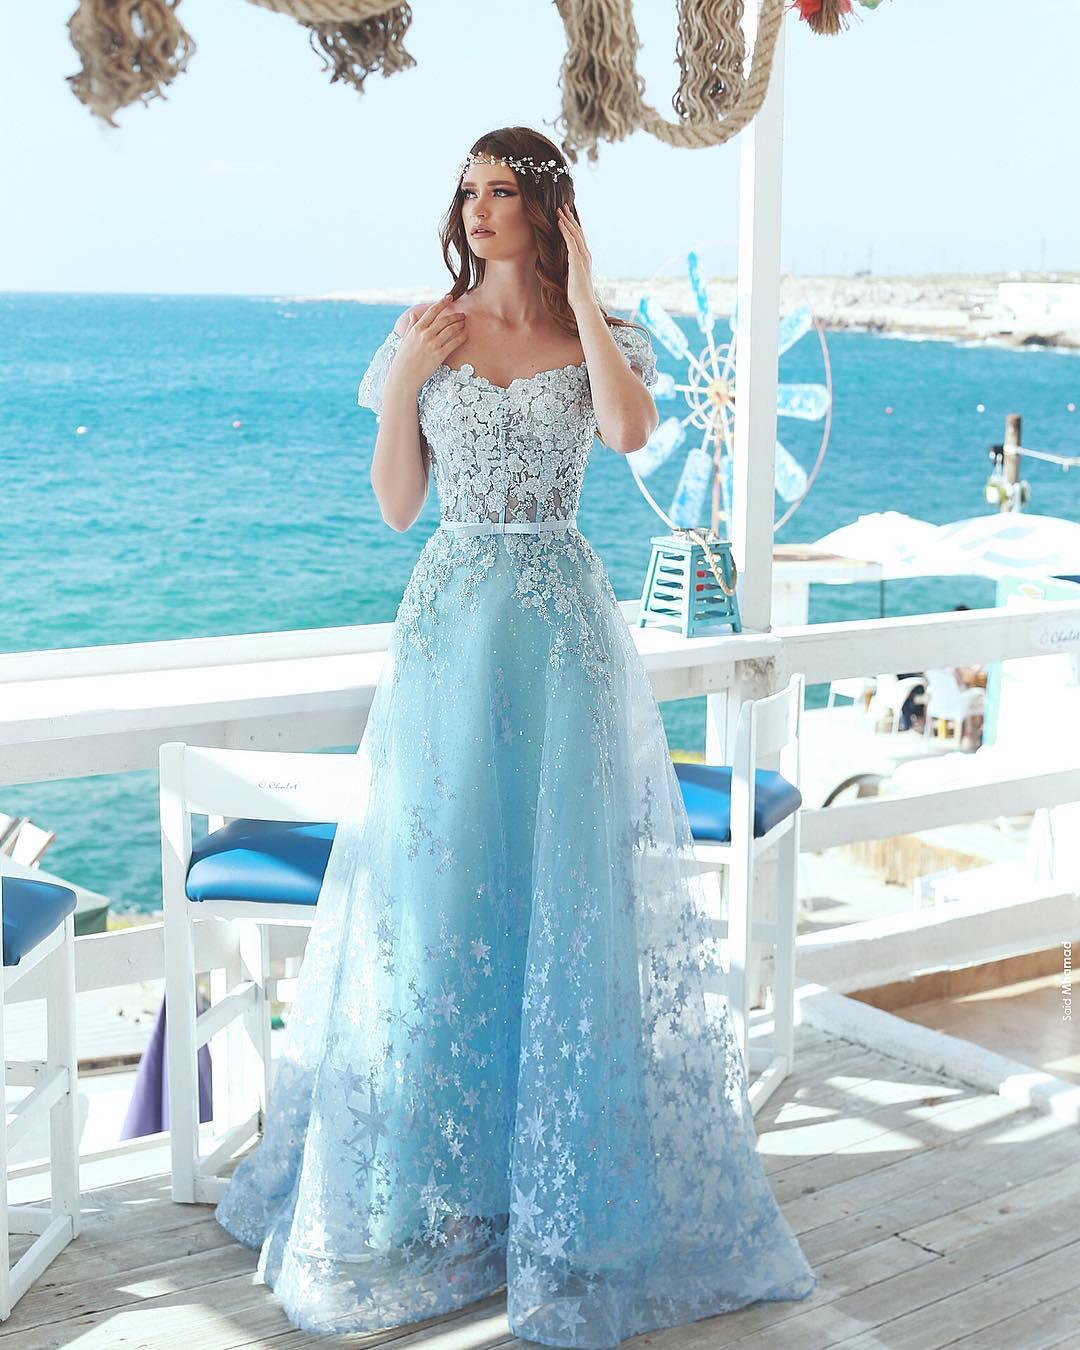 10 Elegant Royalblaues Abendkleid Galerie15 Ausgezeichnet Royalblaues Abendkleid Ärmel